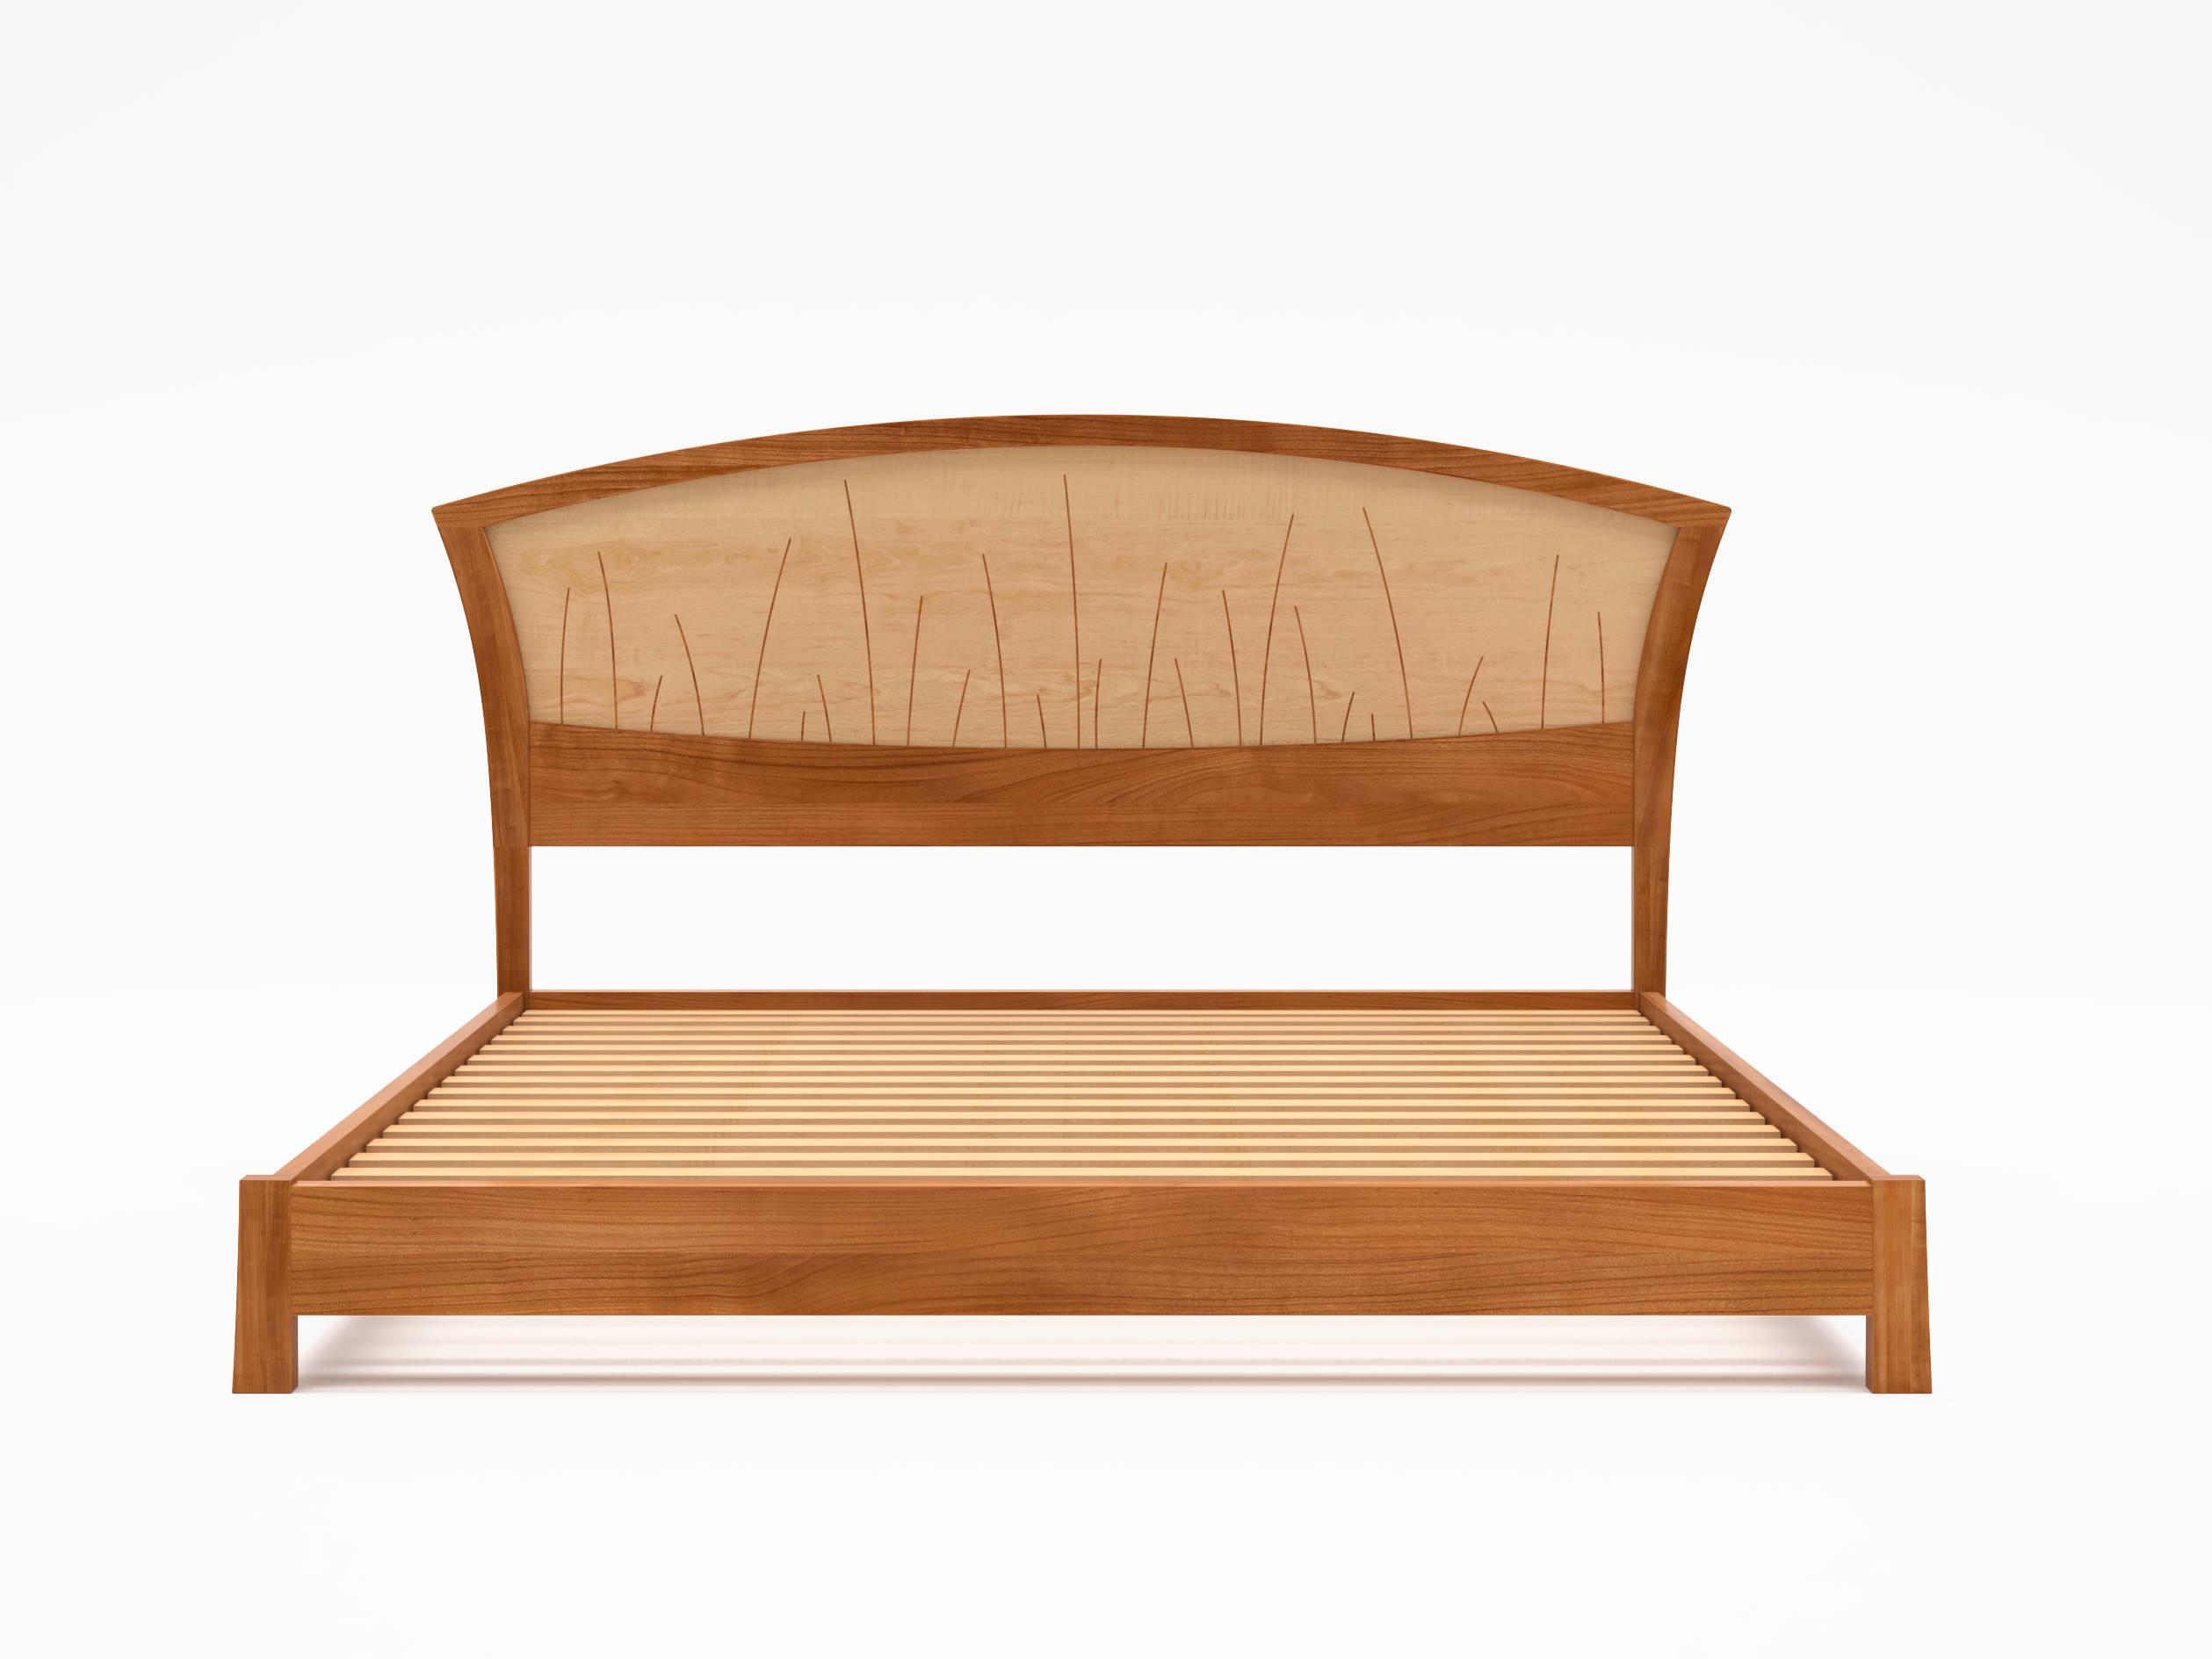 modern platform bed queen size low bed frame wood art deco. Black Bedroom Furniture Sets. Home Design Ideas